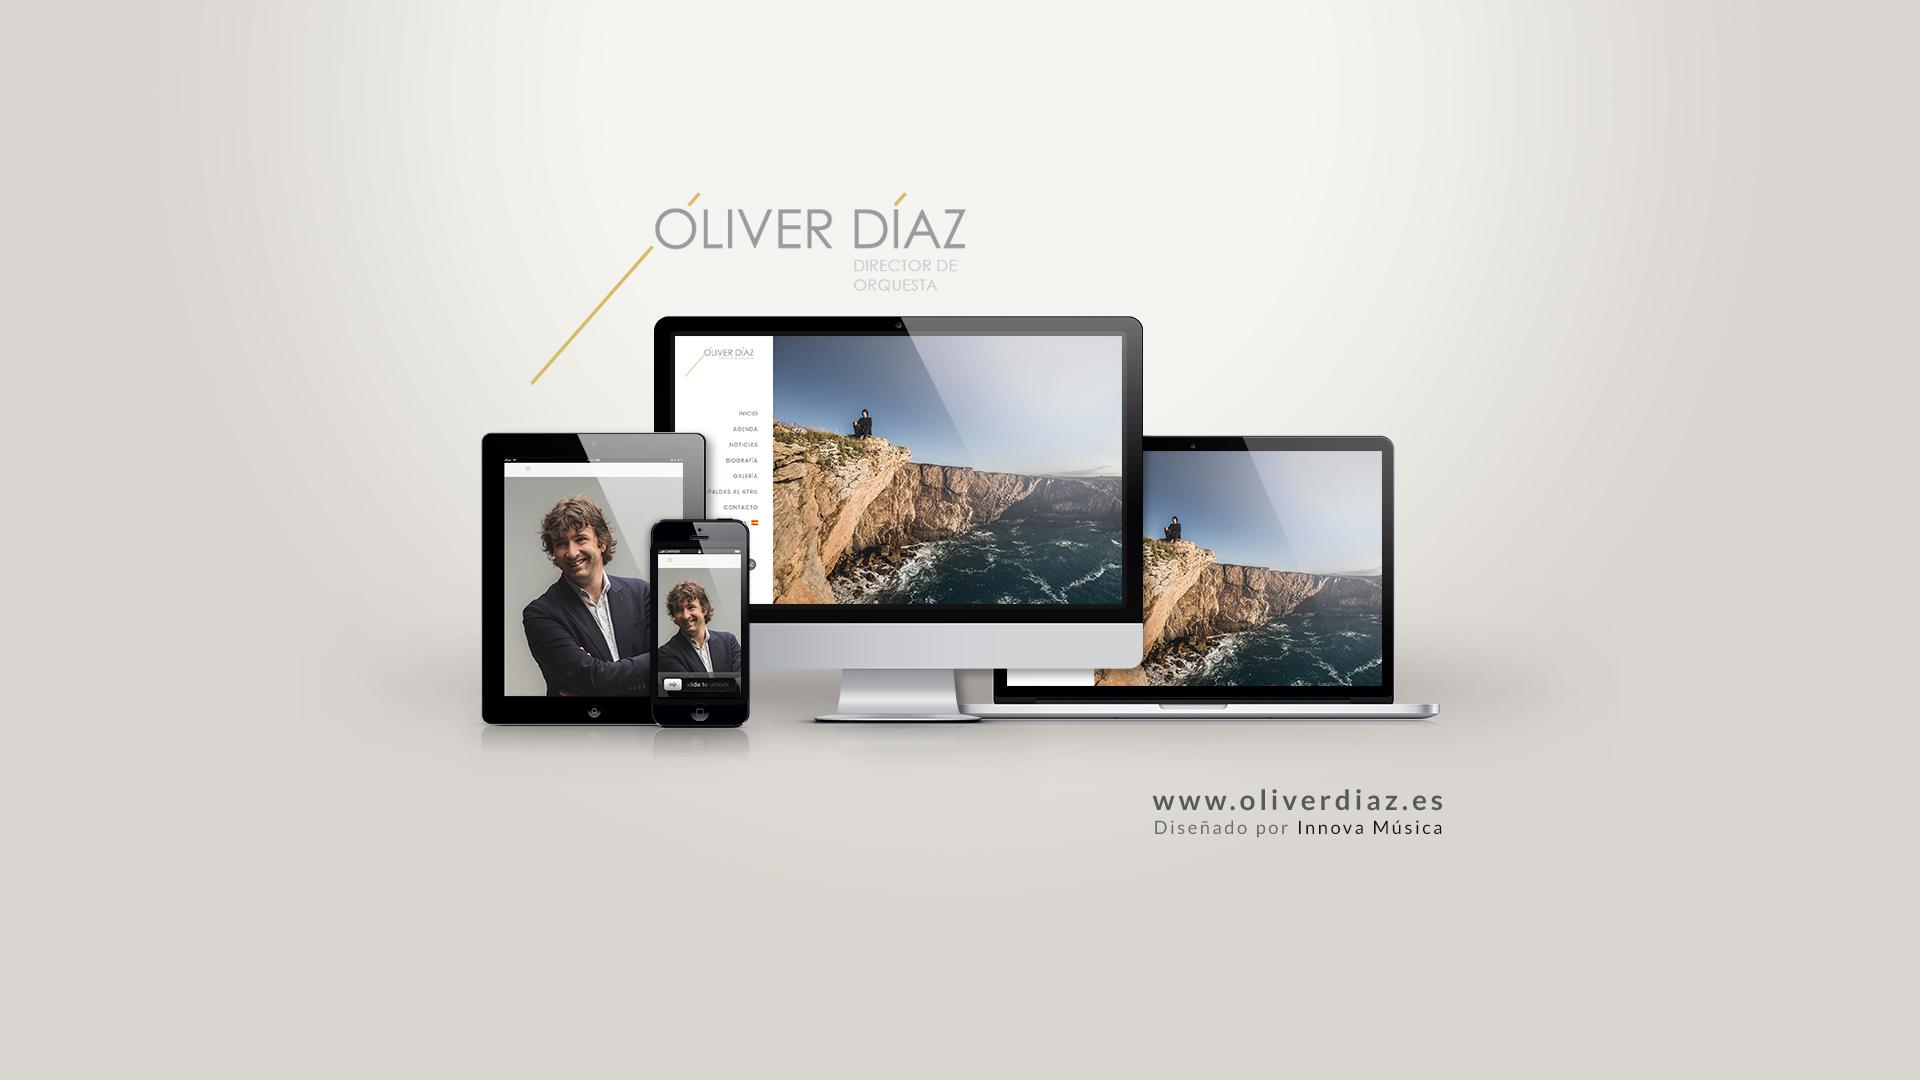 Porfolio del director de orquesta Óliver Díaz, diseñado por Innova Música